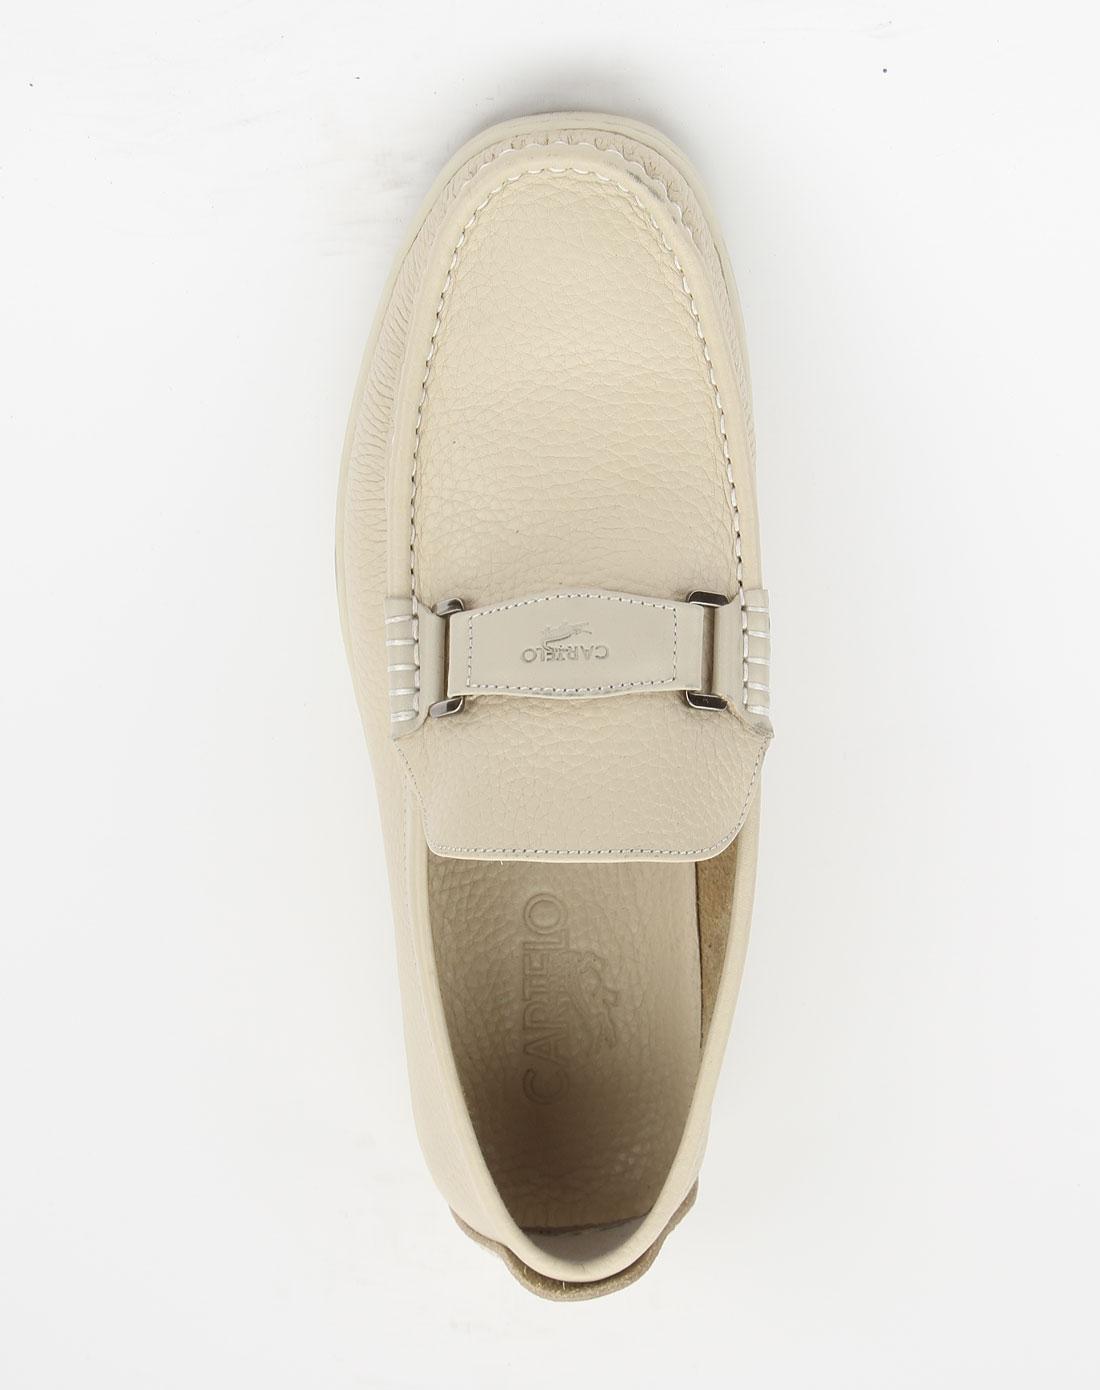 卡帝乐鳄鱼cartelo米白色裂纹绅士皮鞋